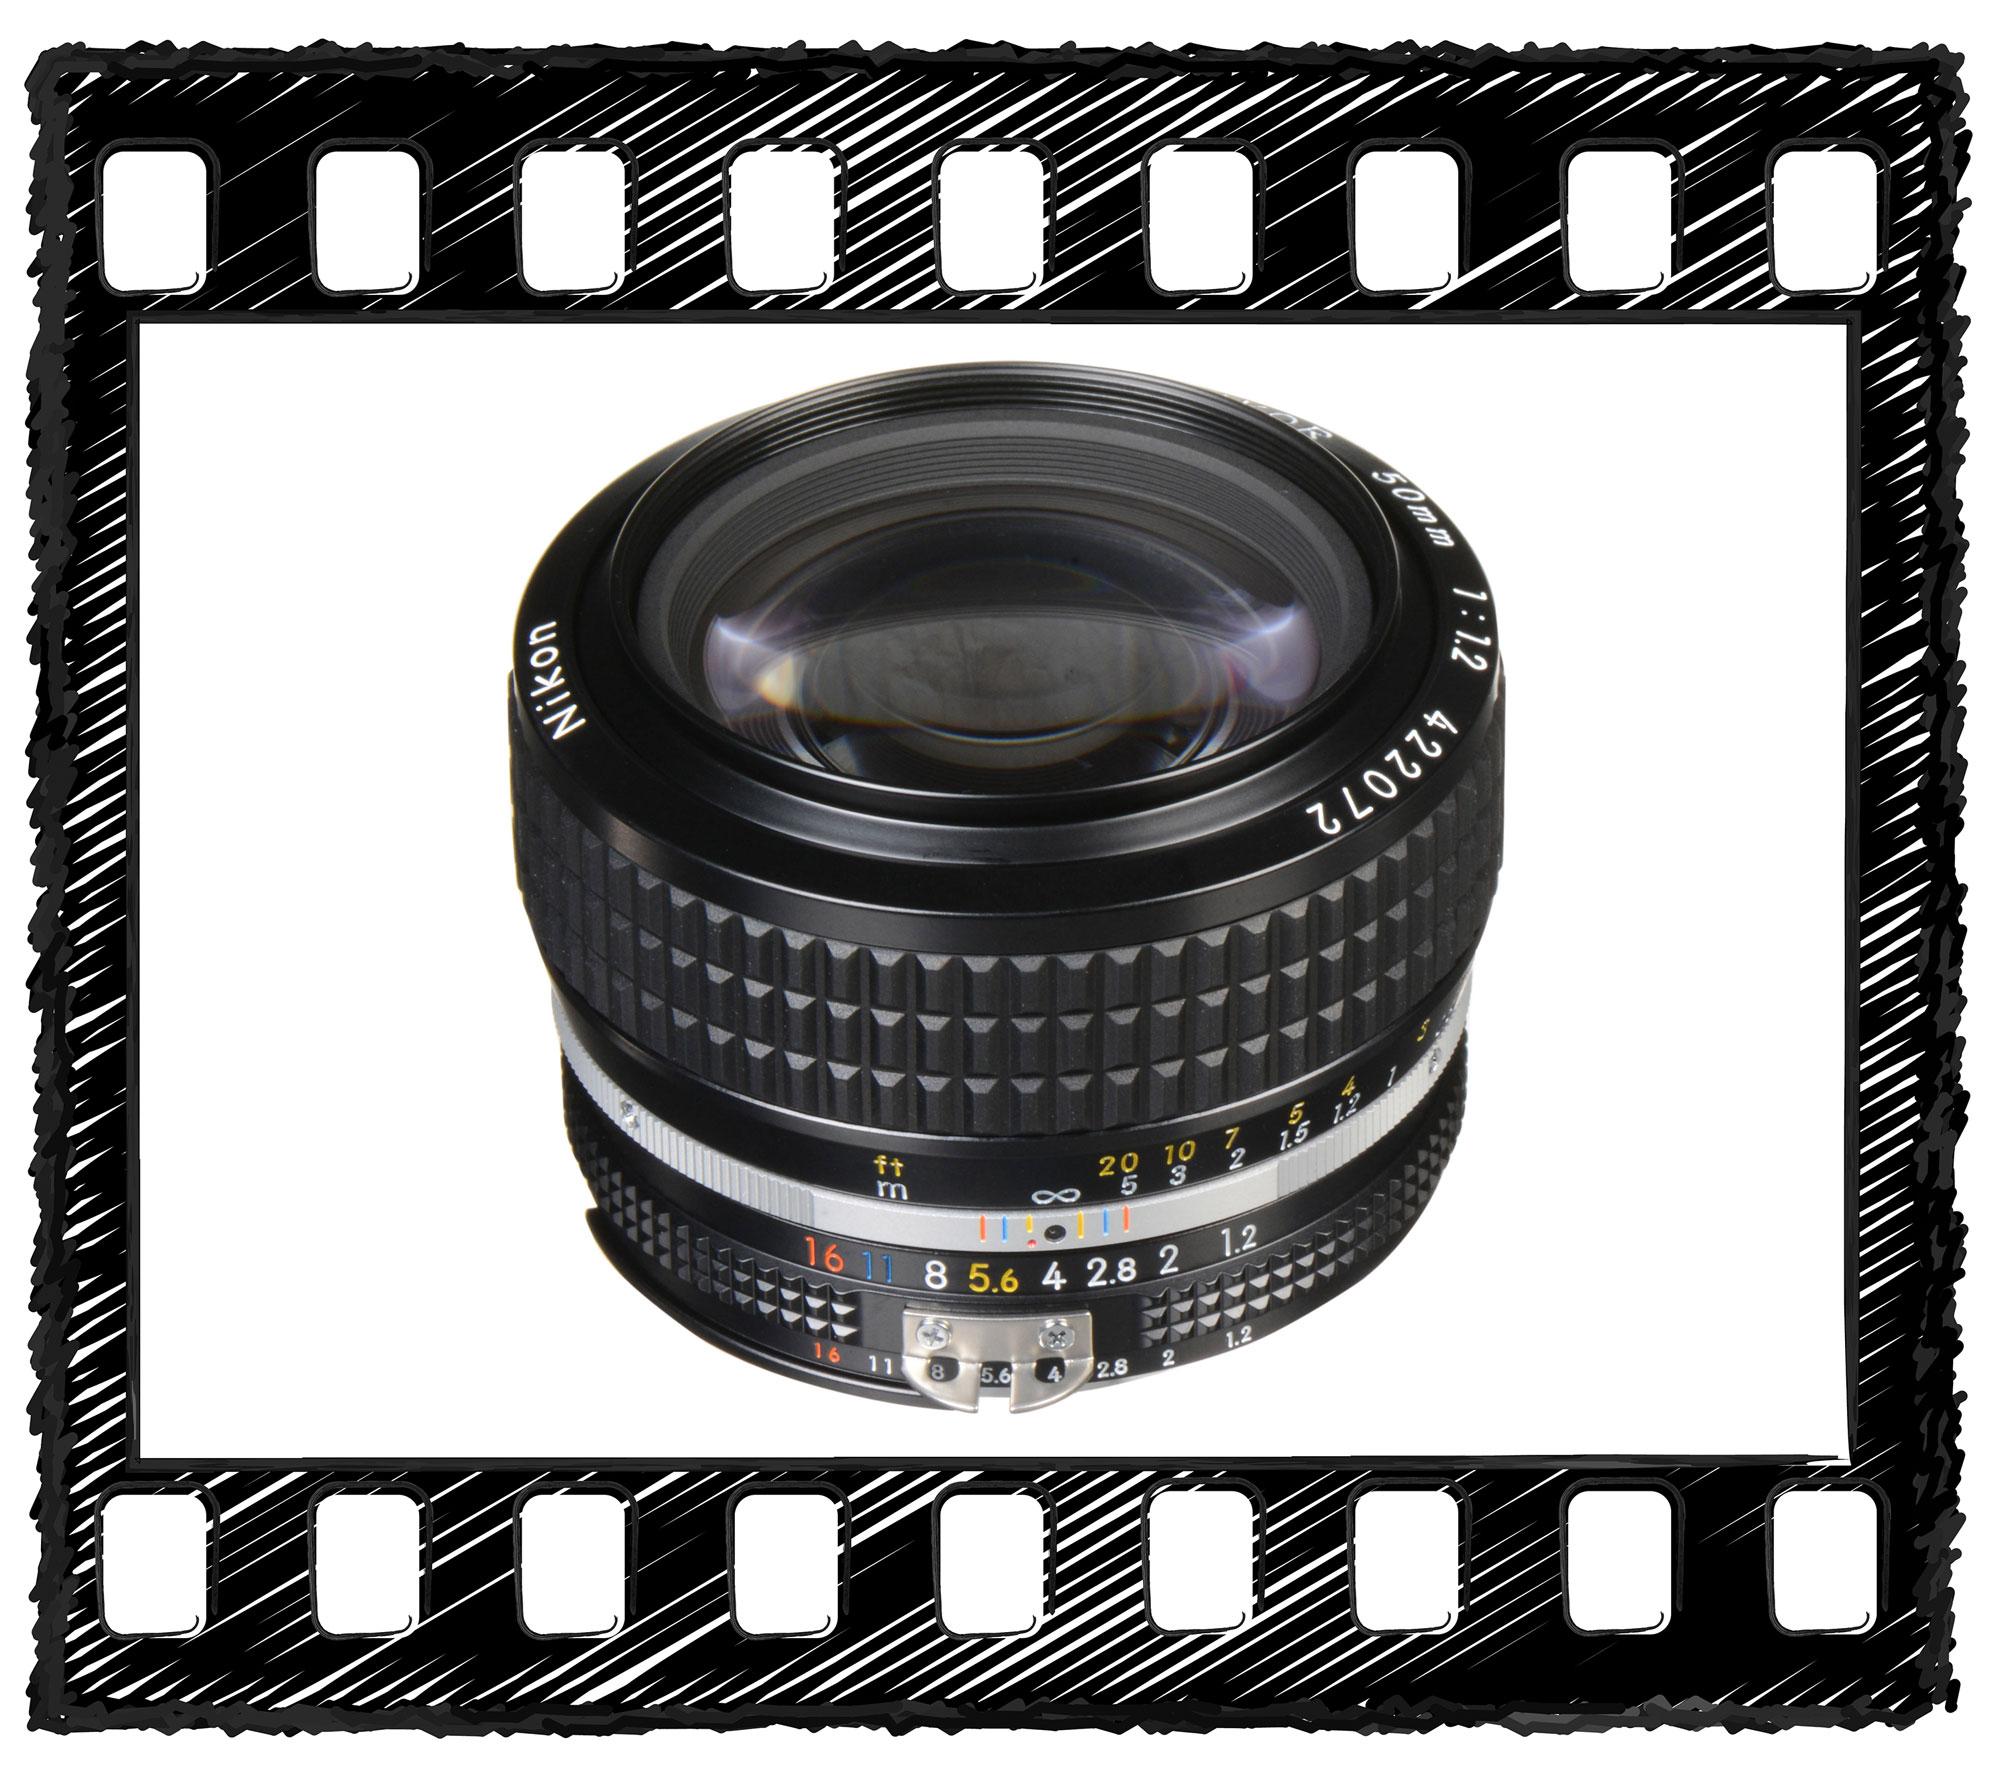 Nikon NIKKOR 50mm f/1.2 Lens